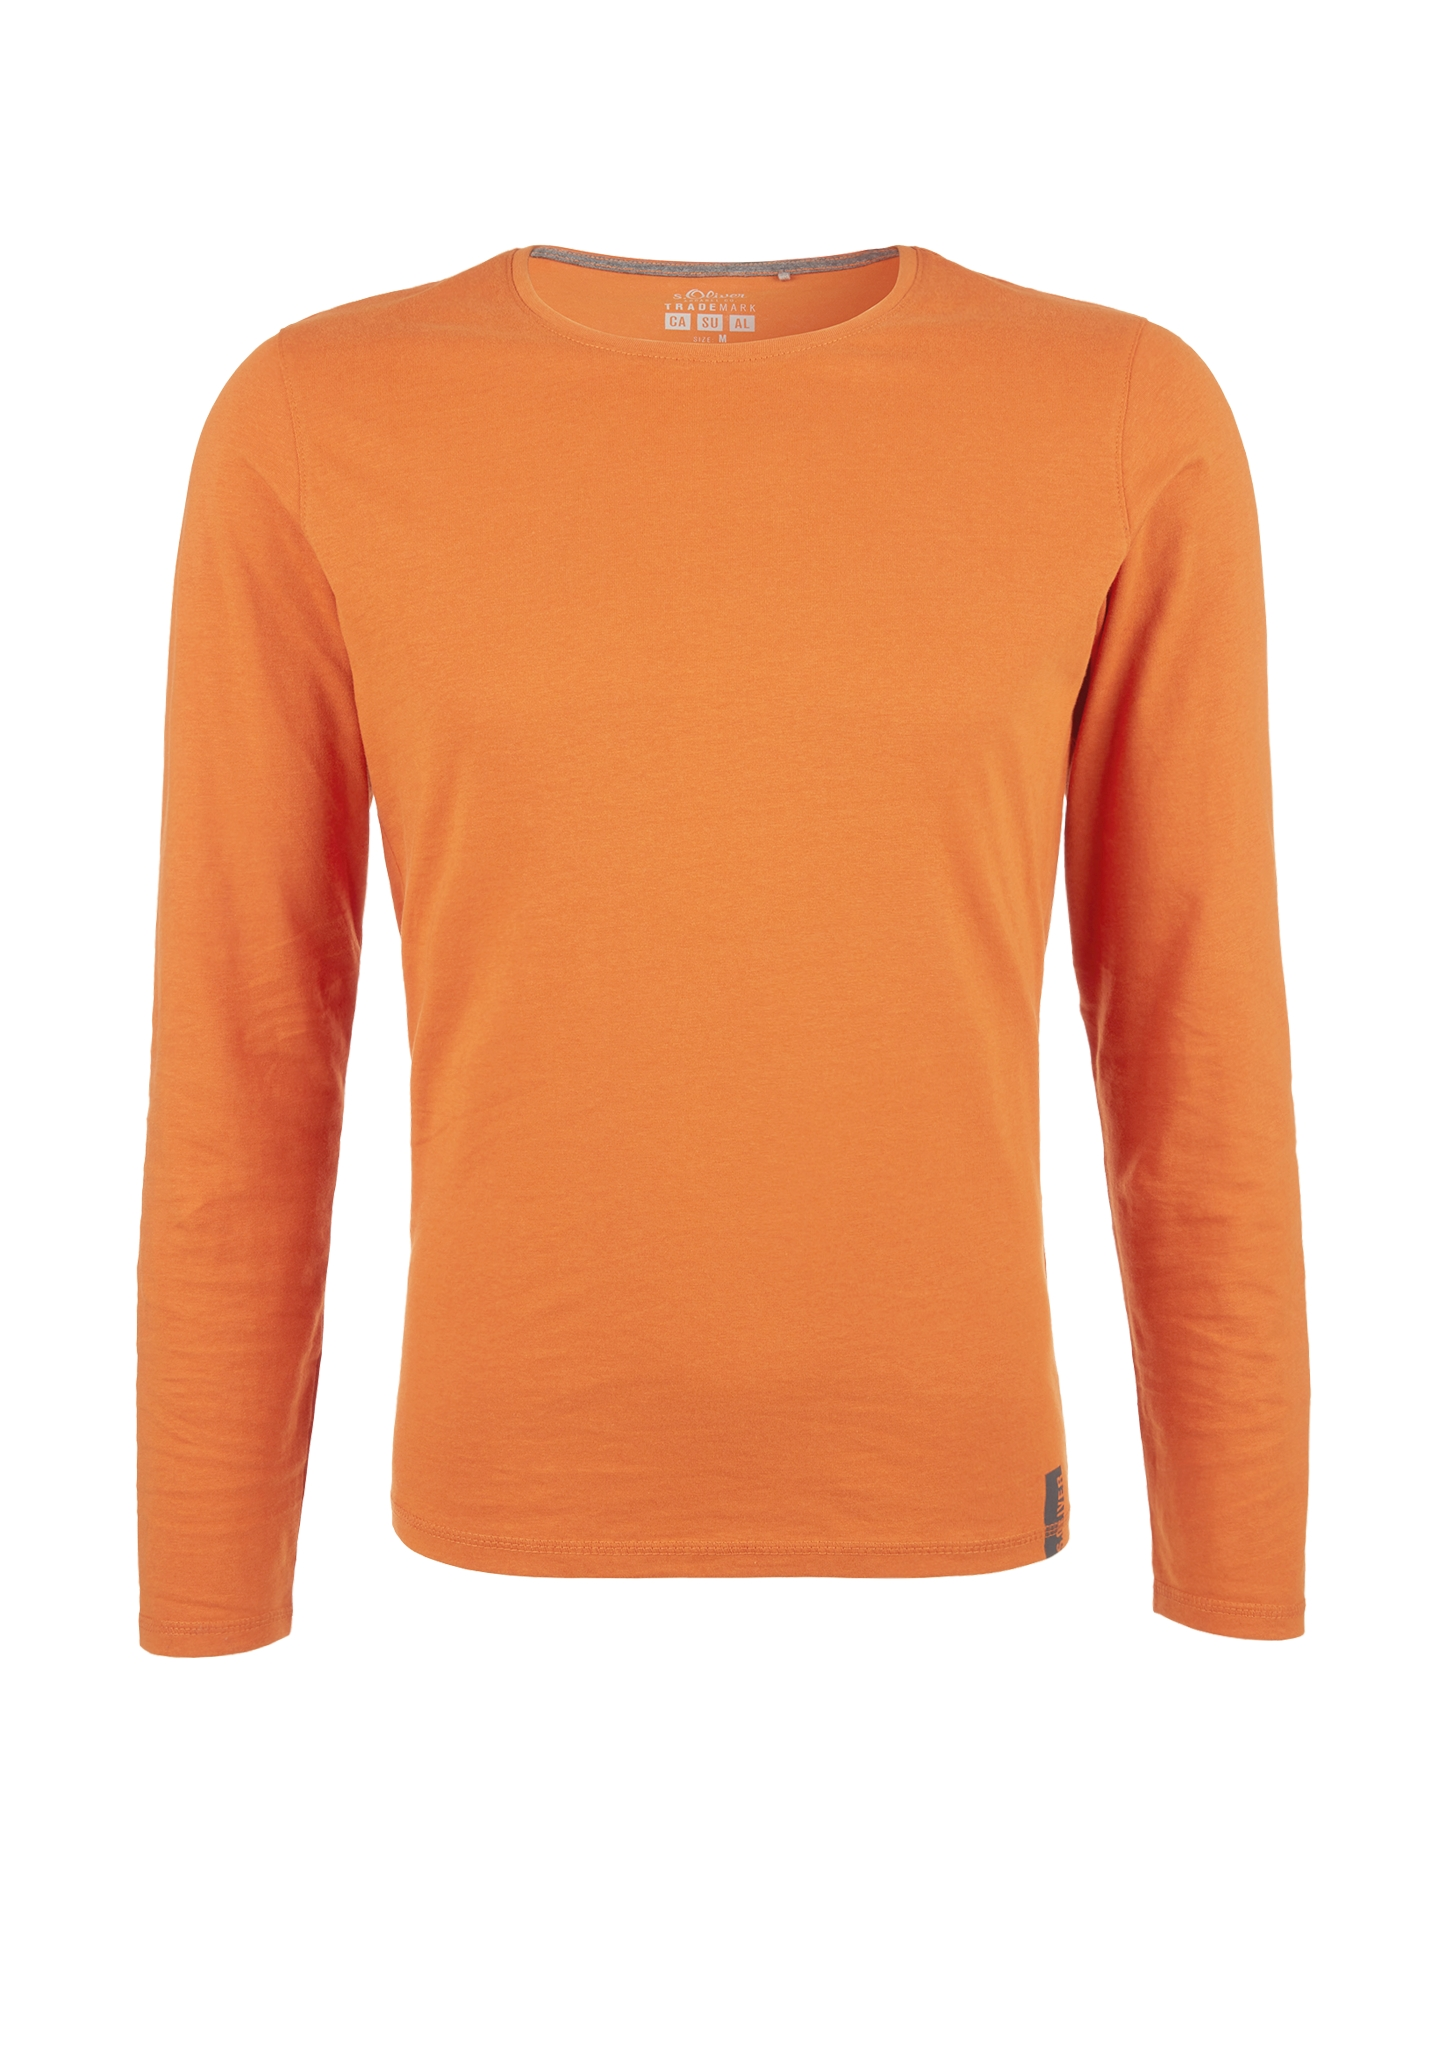 Langarmshirt | Bekleidung | Orange | 100% baumwolle | s.Oliver